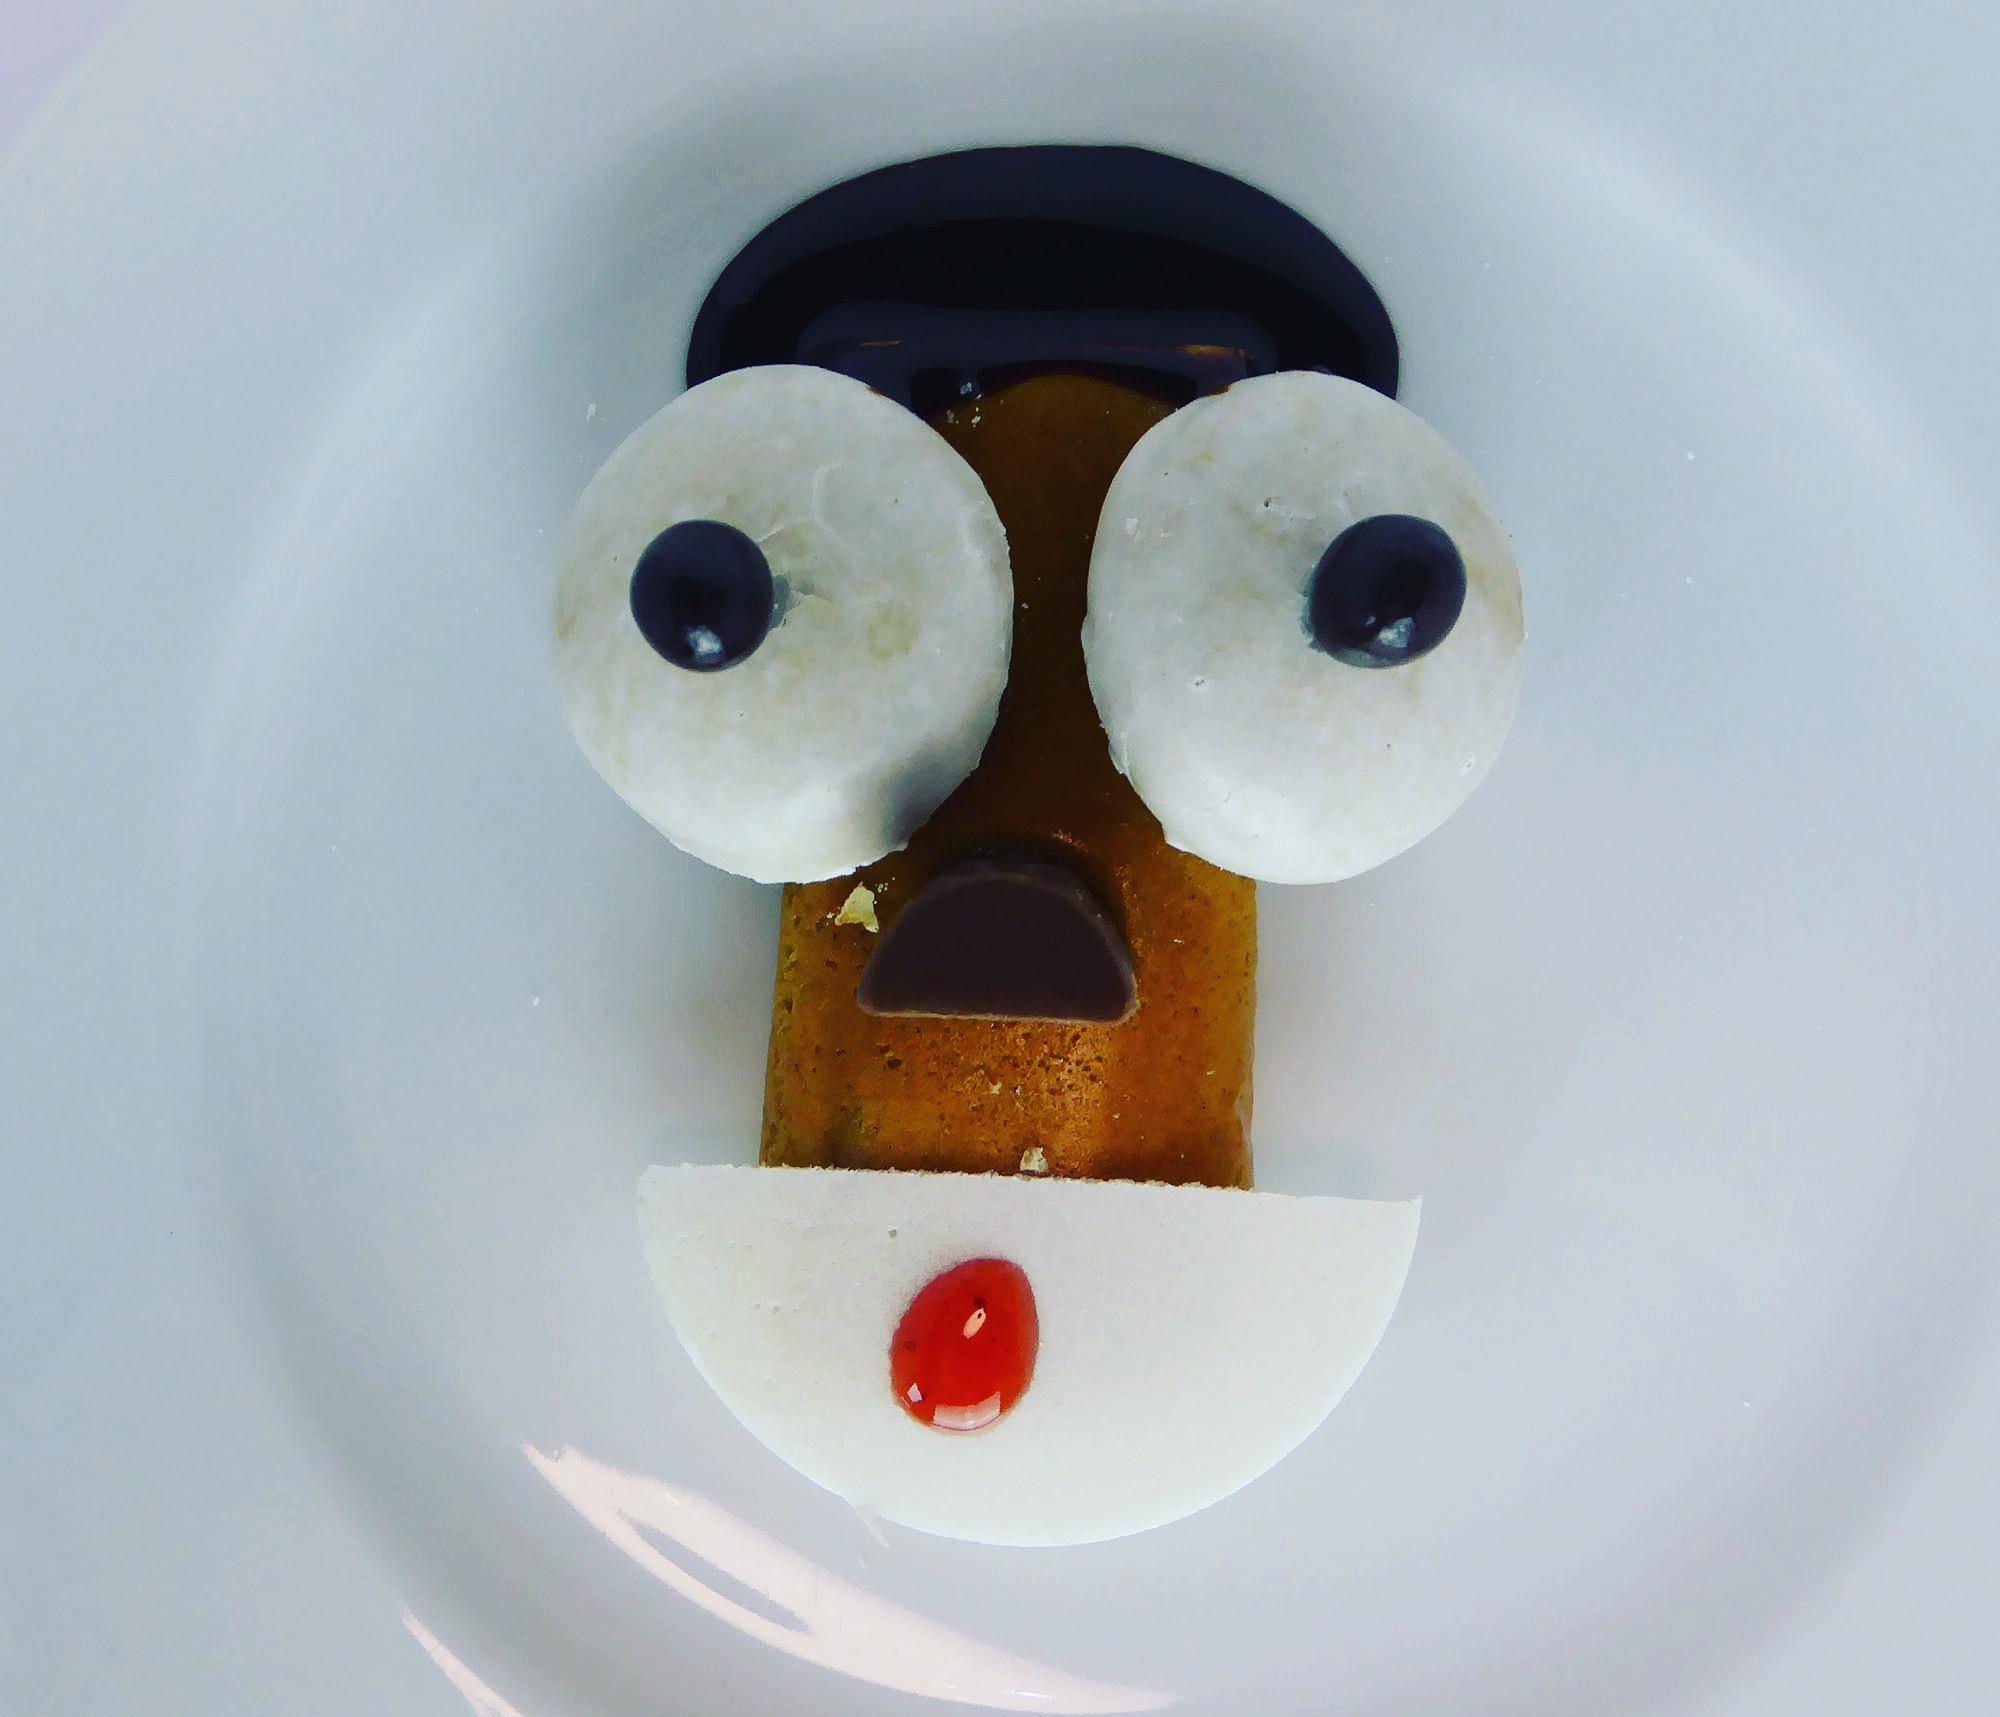 Questbar Proteinbar Proteinriegel Zimt Gesicht Afro Amerikaner mit großen Augen